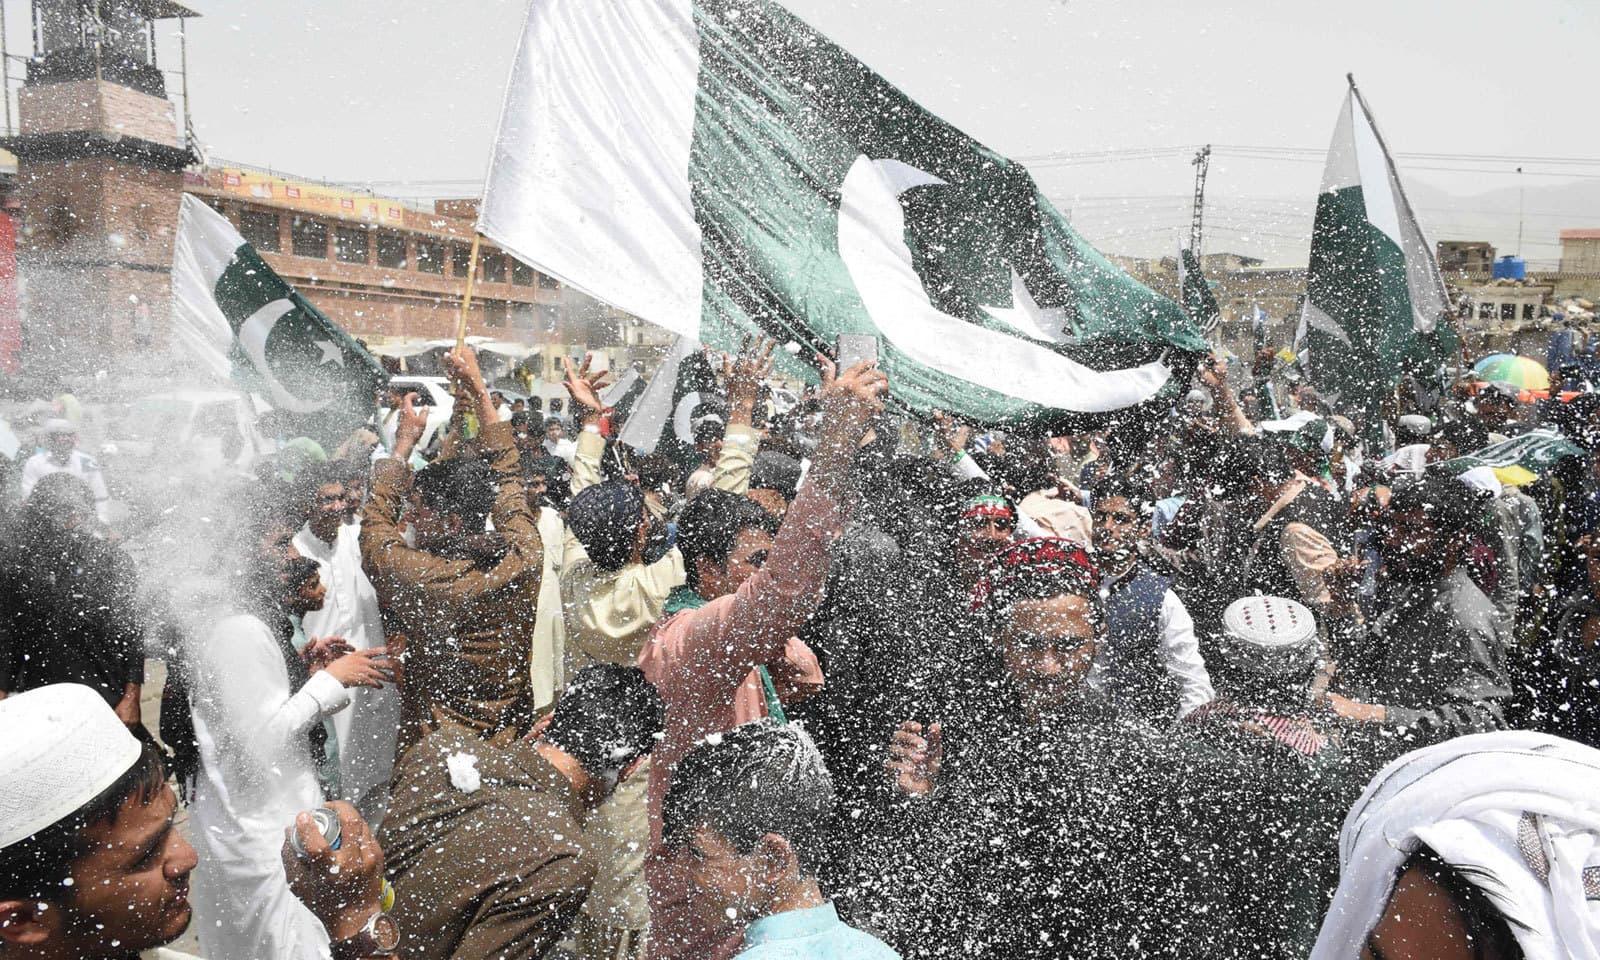 قوم نے 73 واں یوم آزادی جوش و خروش سے منایا — فوٹو: اے ایف  پی